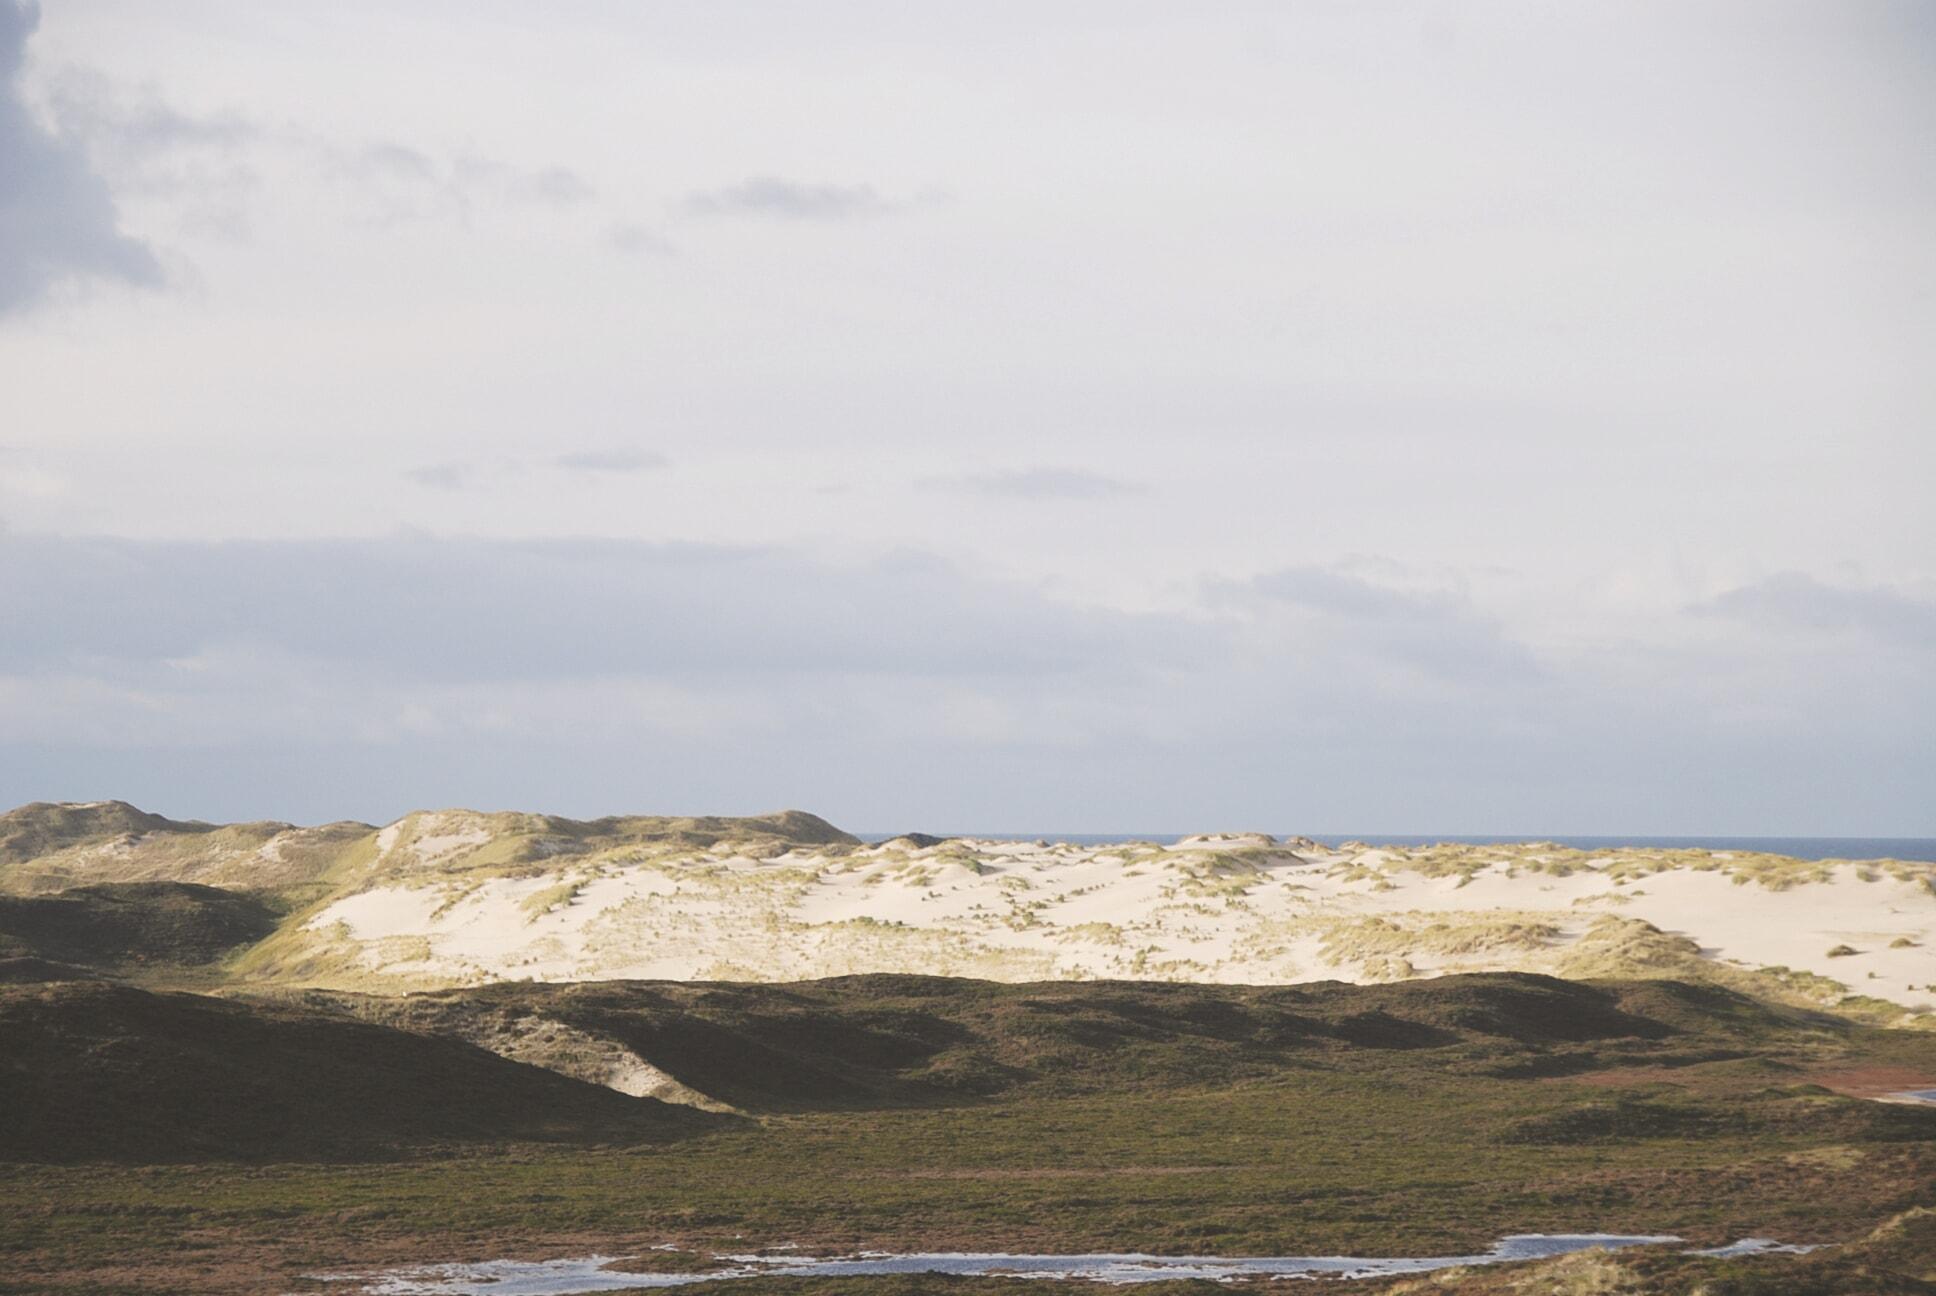 Wanderdünen mit Blick auf das Meer